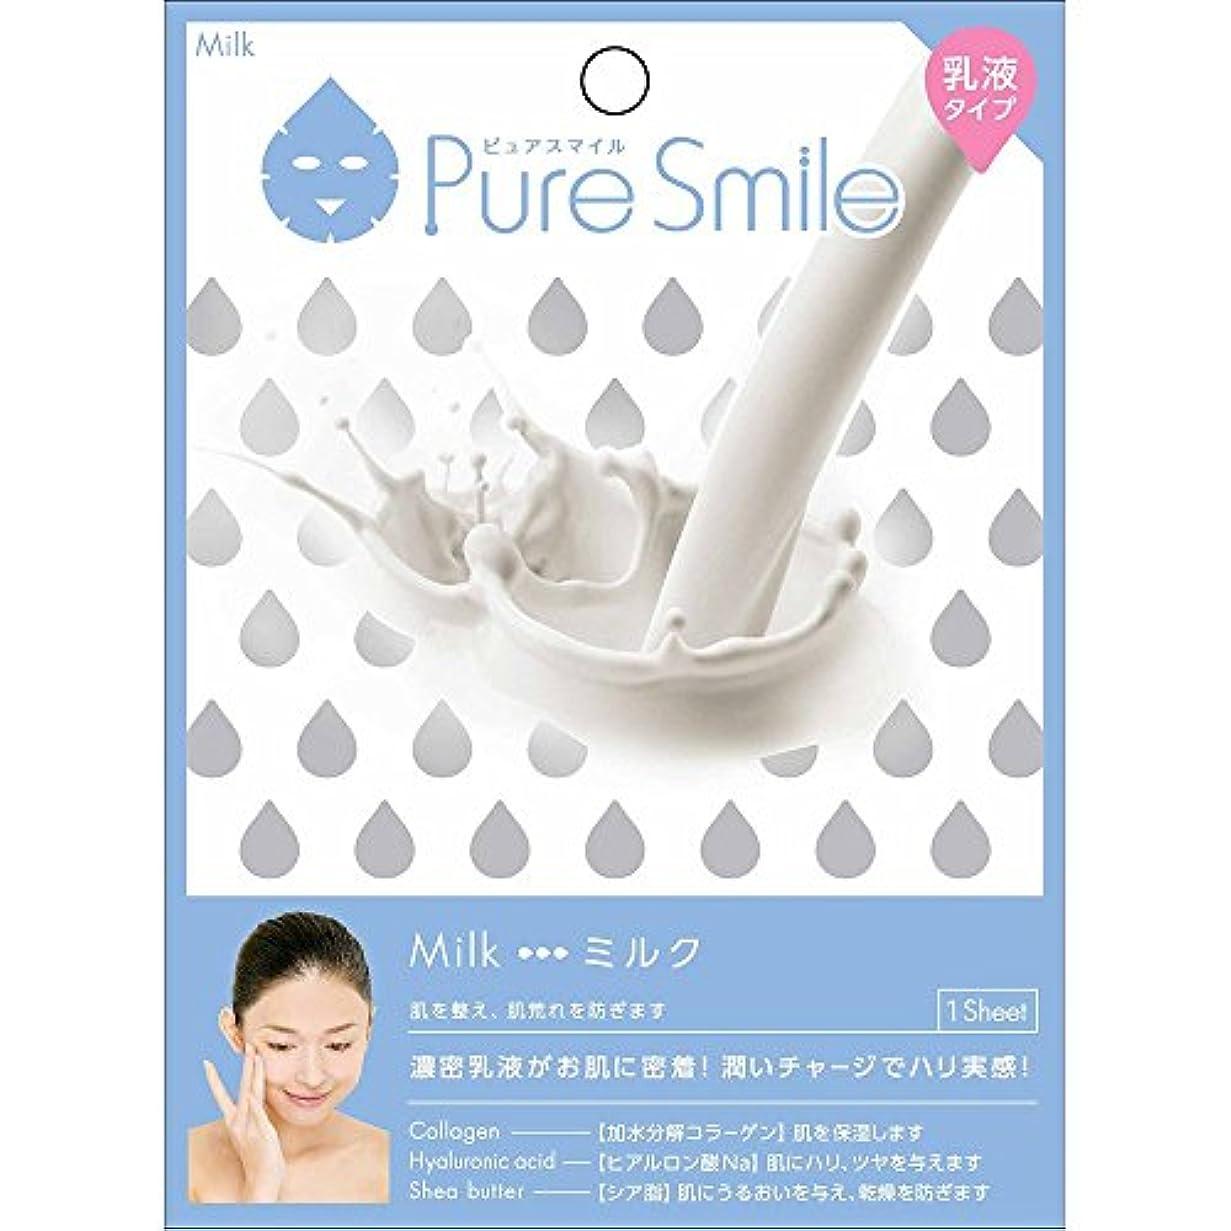 追放中絶境界Pure Smile(ピュアスマイル) 乳液エッセンスマスク 1 枚 ミルク